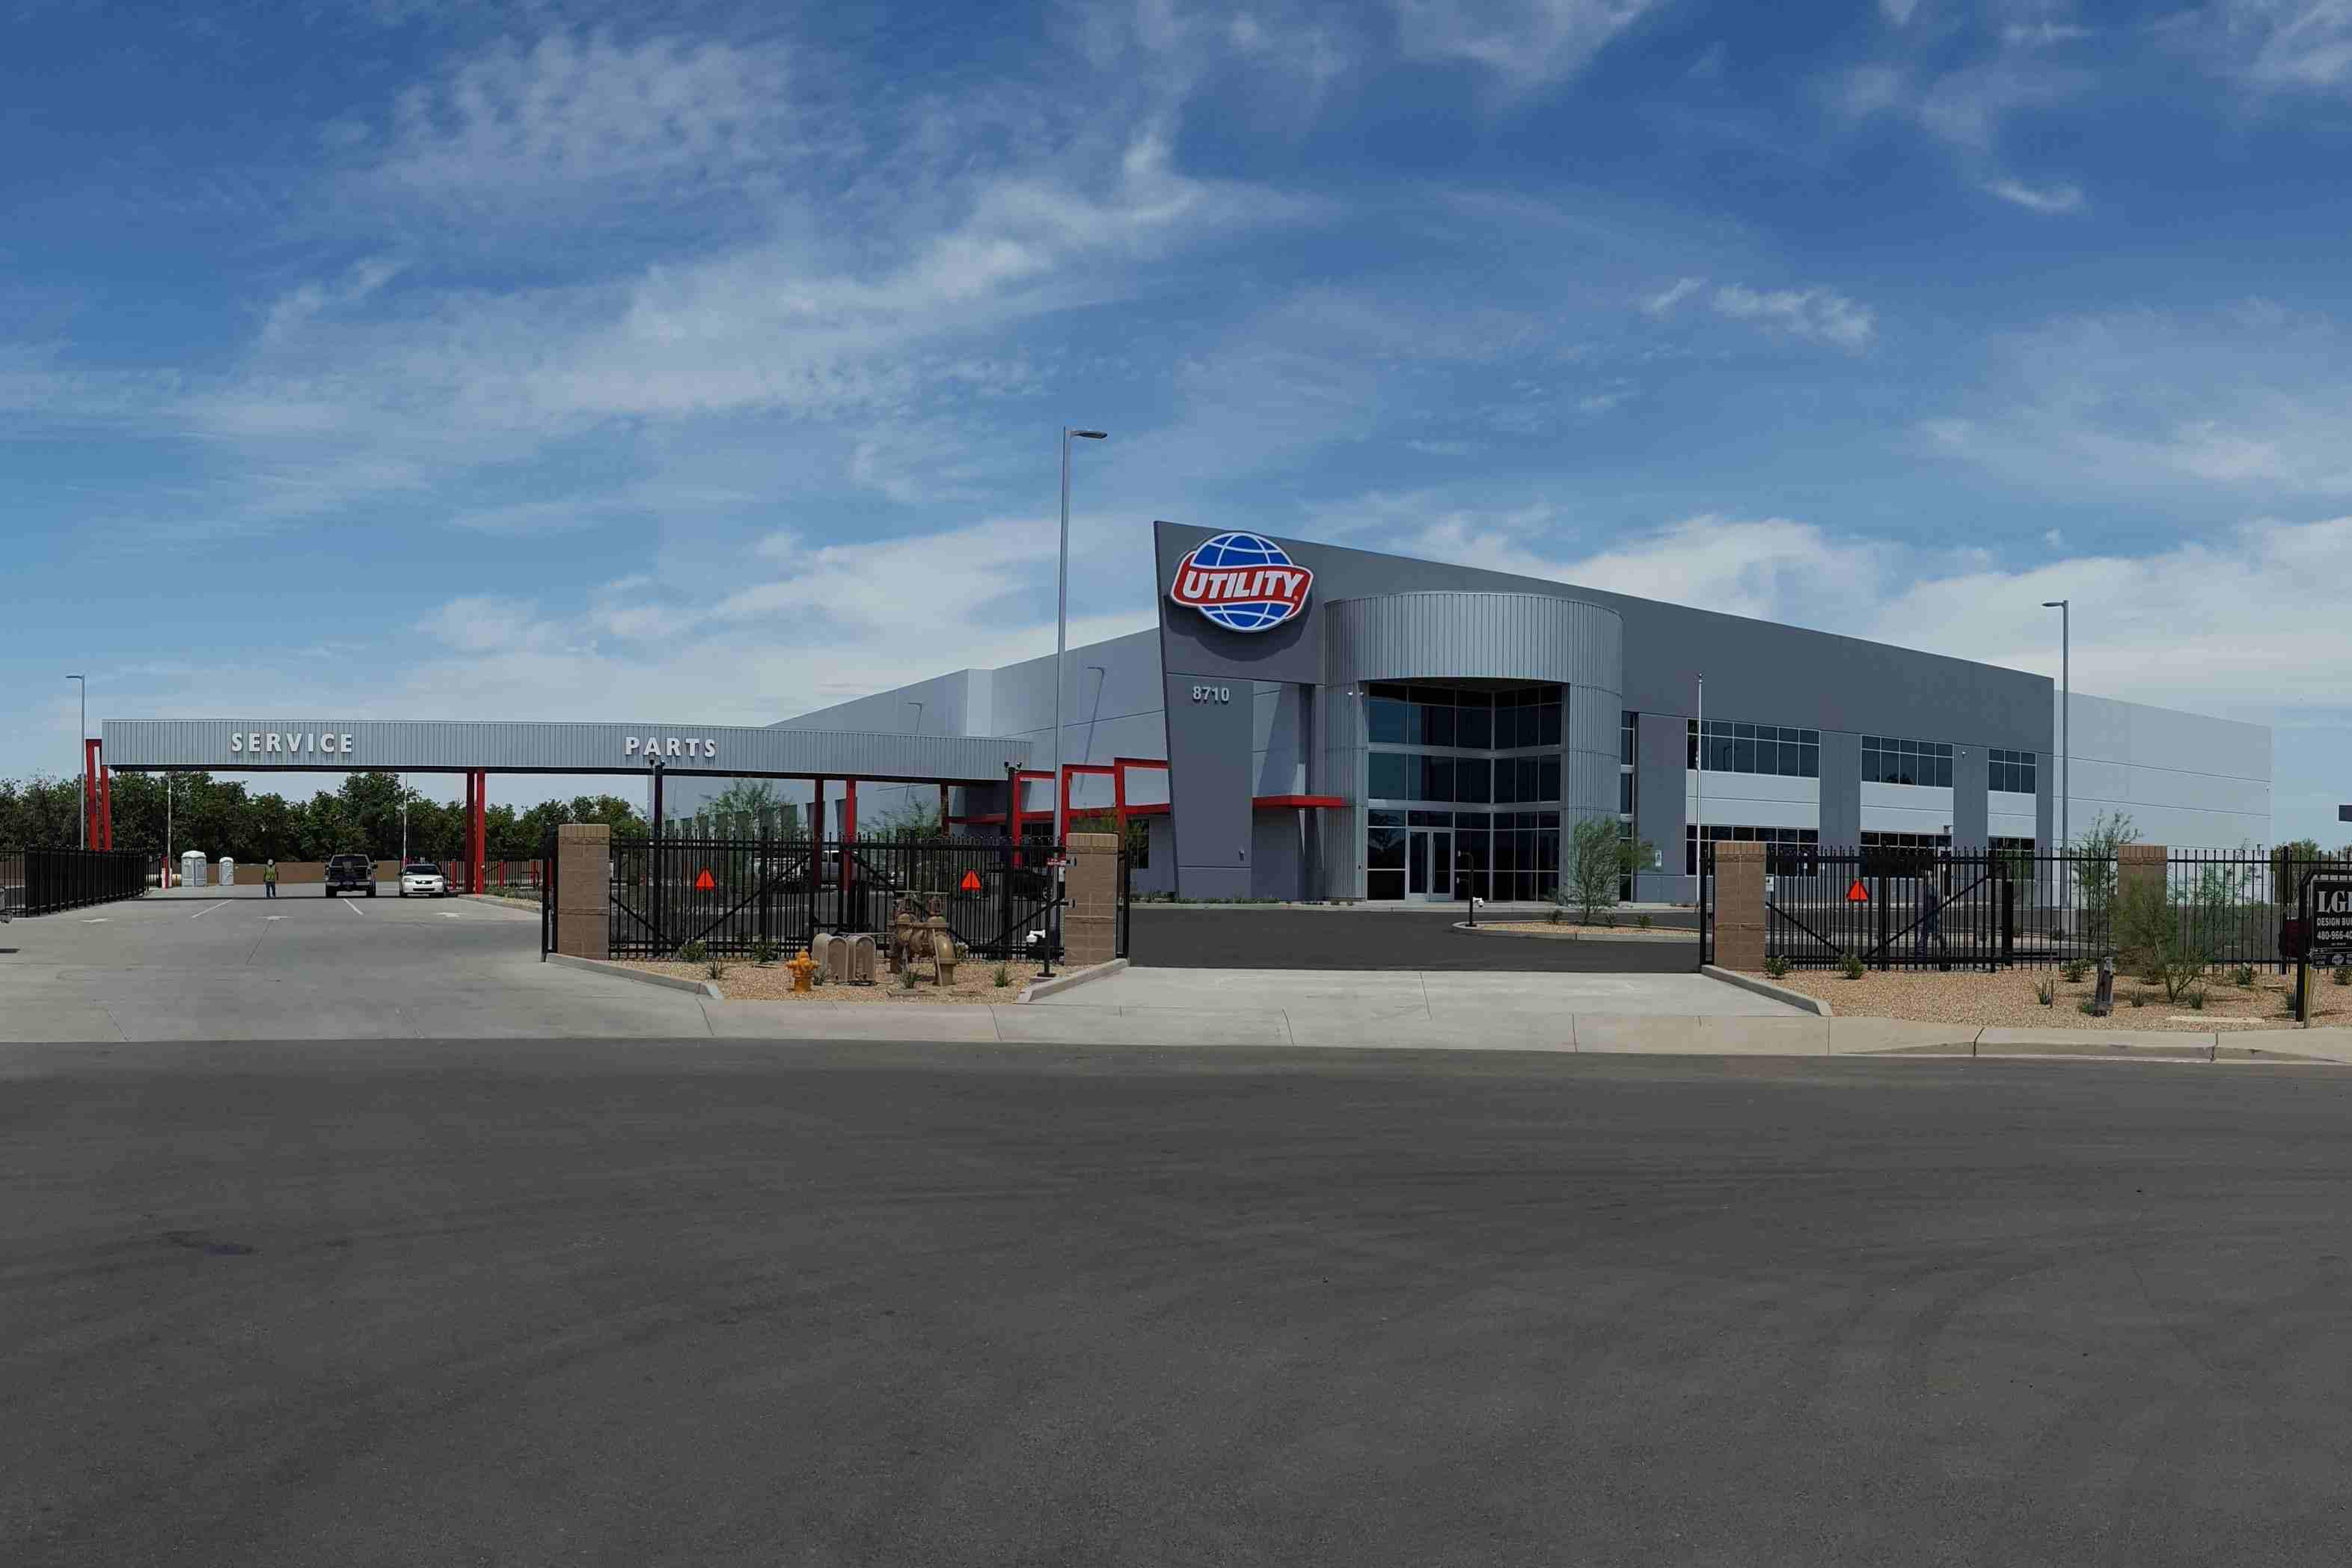 Utility Trailer relocates, upgrades Tolleson, Ariz., facility